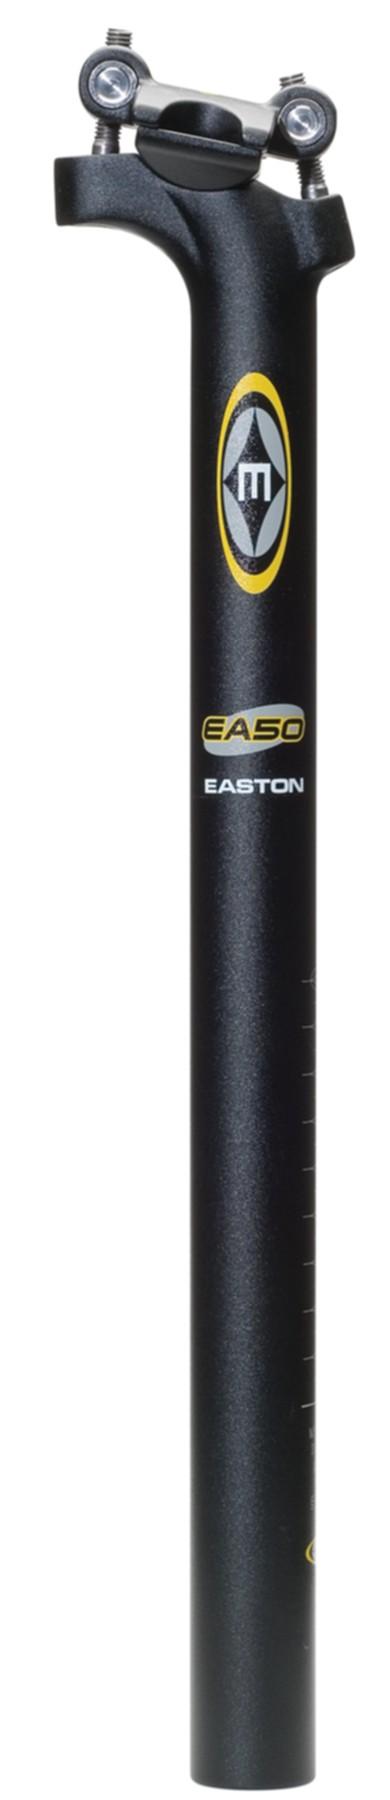 Easton EA50 Aluminum Seat Post